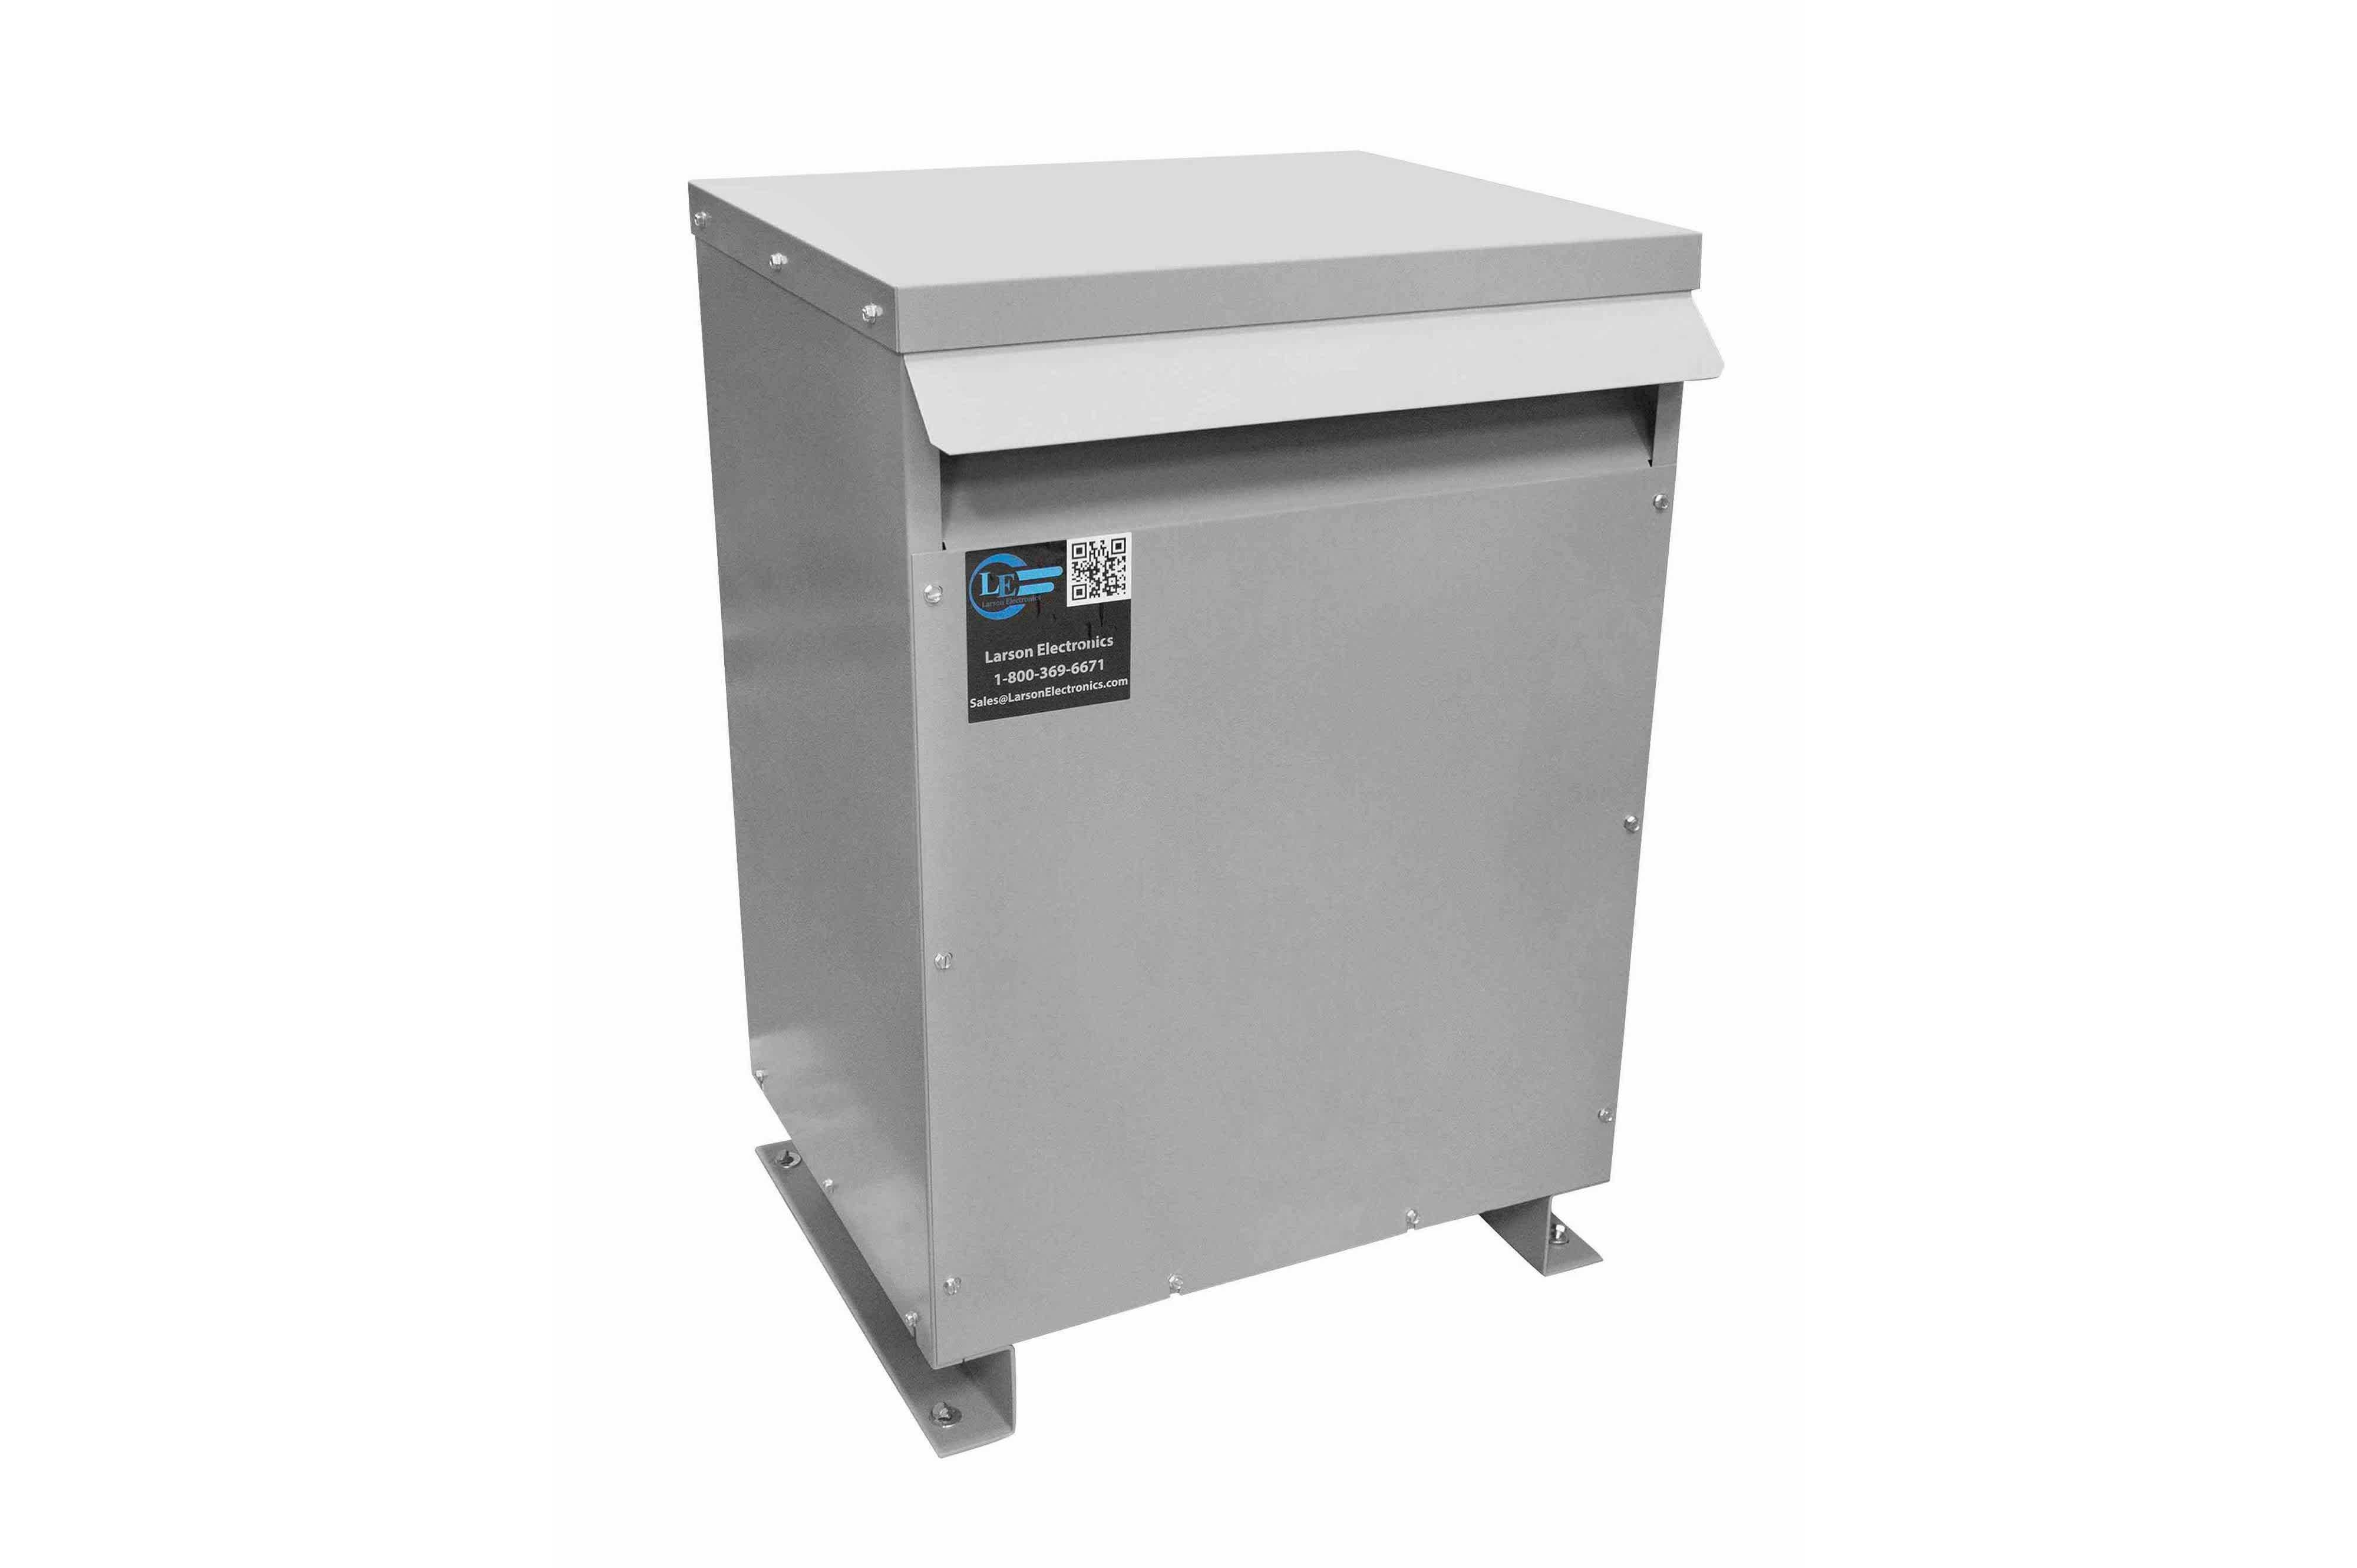 20 kVA 3PH Isolation Transformer, 460V Delta Primary, 575V Delta Secondary, N3R, Ventilated, 60 Hz